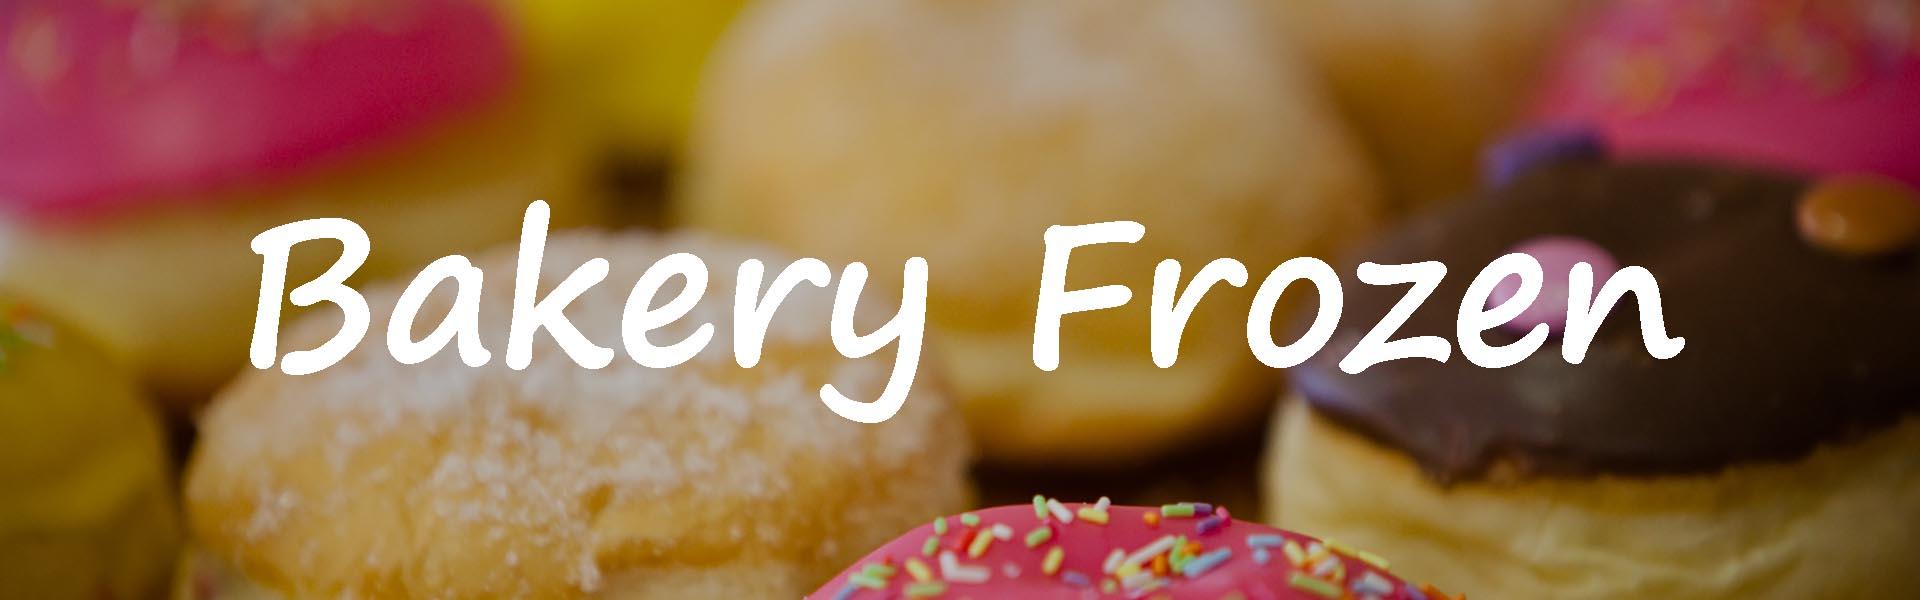 web-ready-bakery-frozen-2